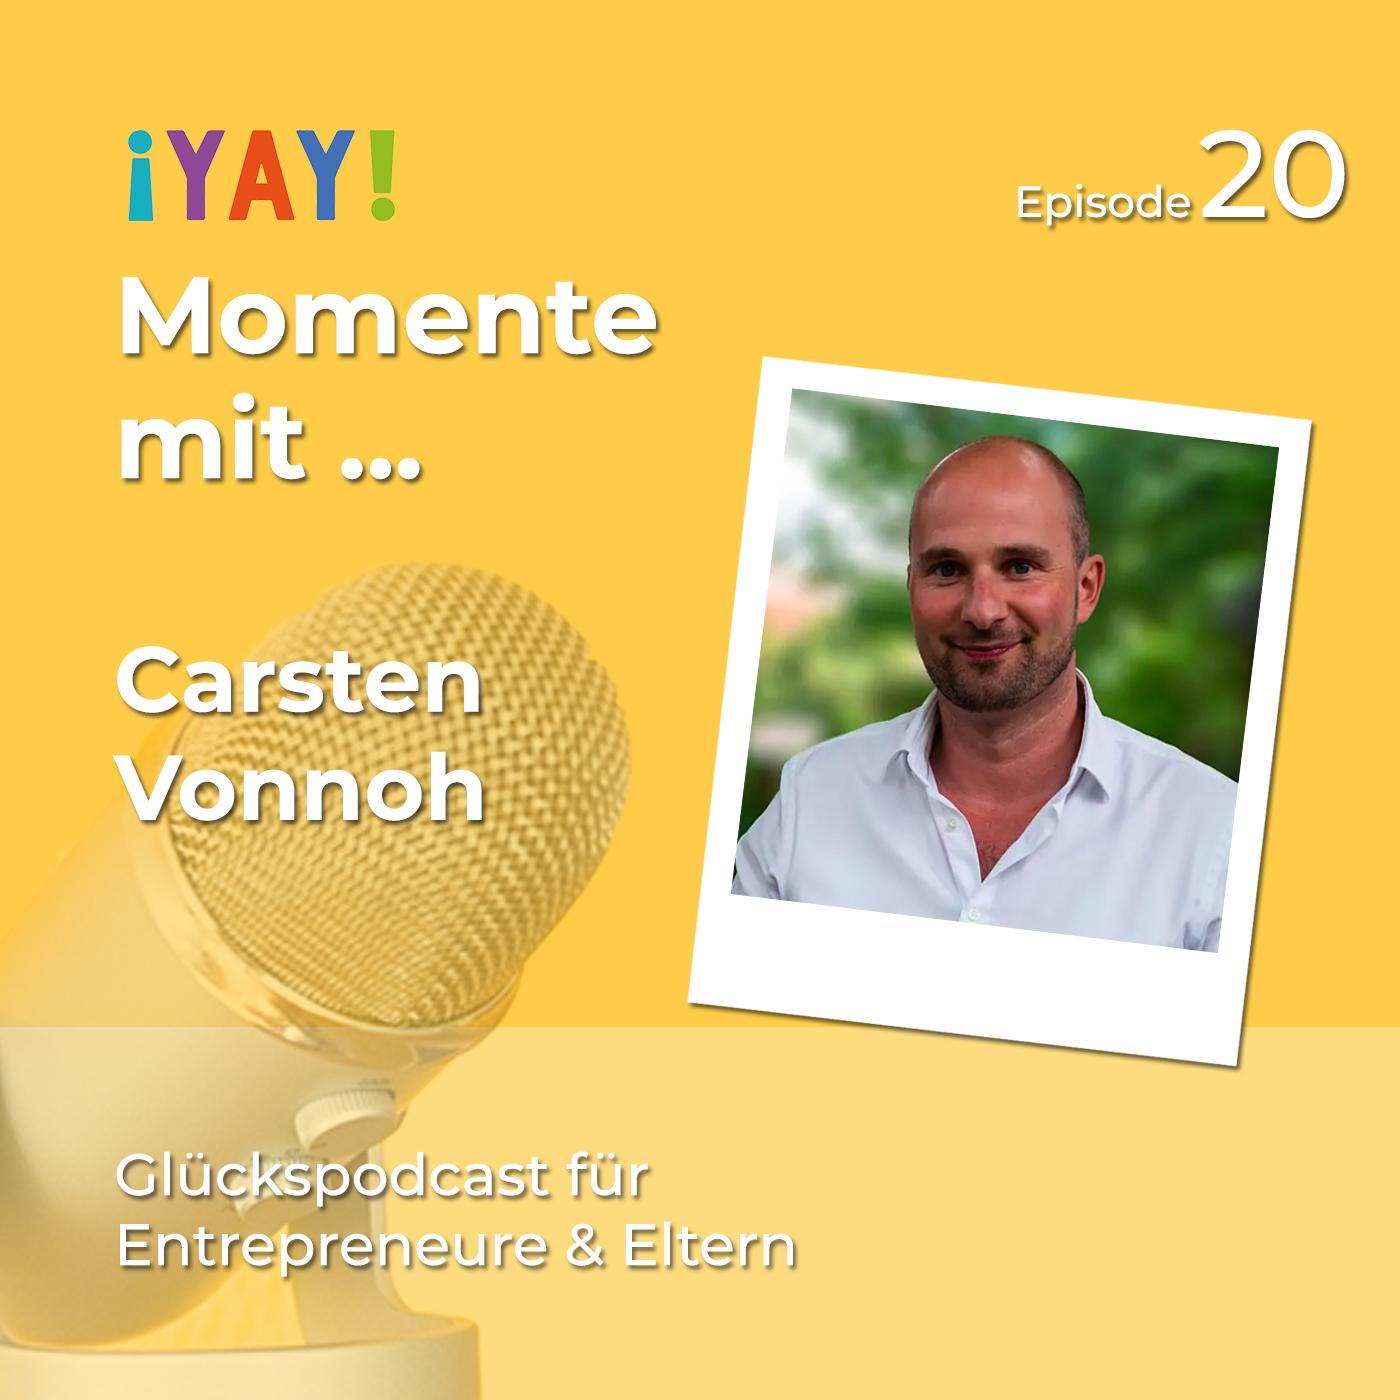 Yay-Momente mit ... Carsten Vonnoh von: Väter in Verantwortung